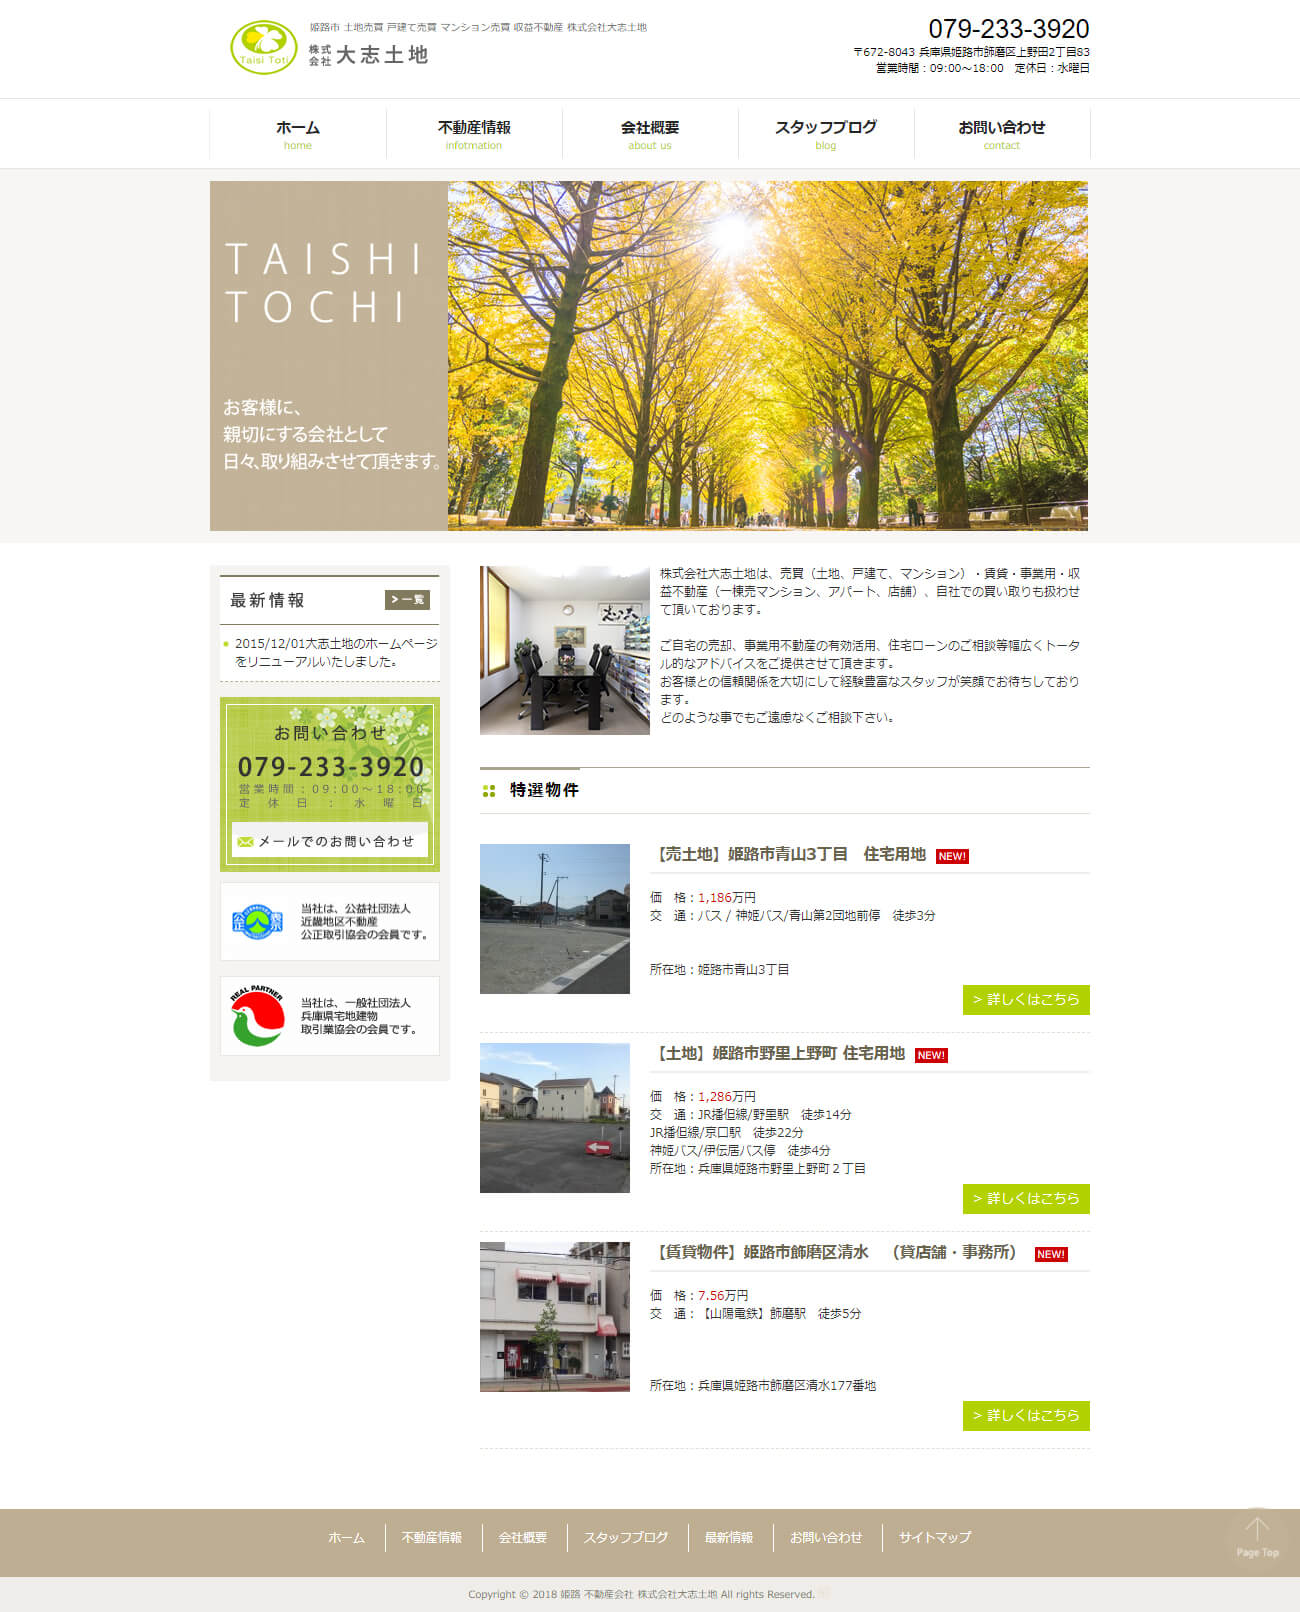 姫路市 株式会社大志土地様 ホームページ制作1